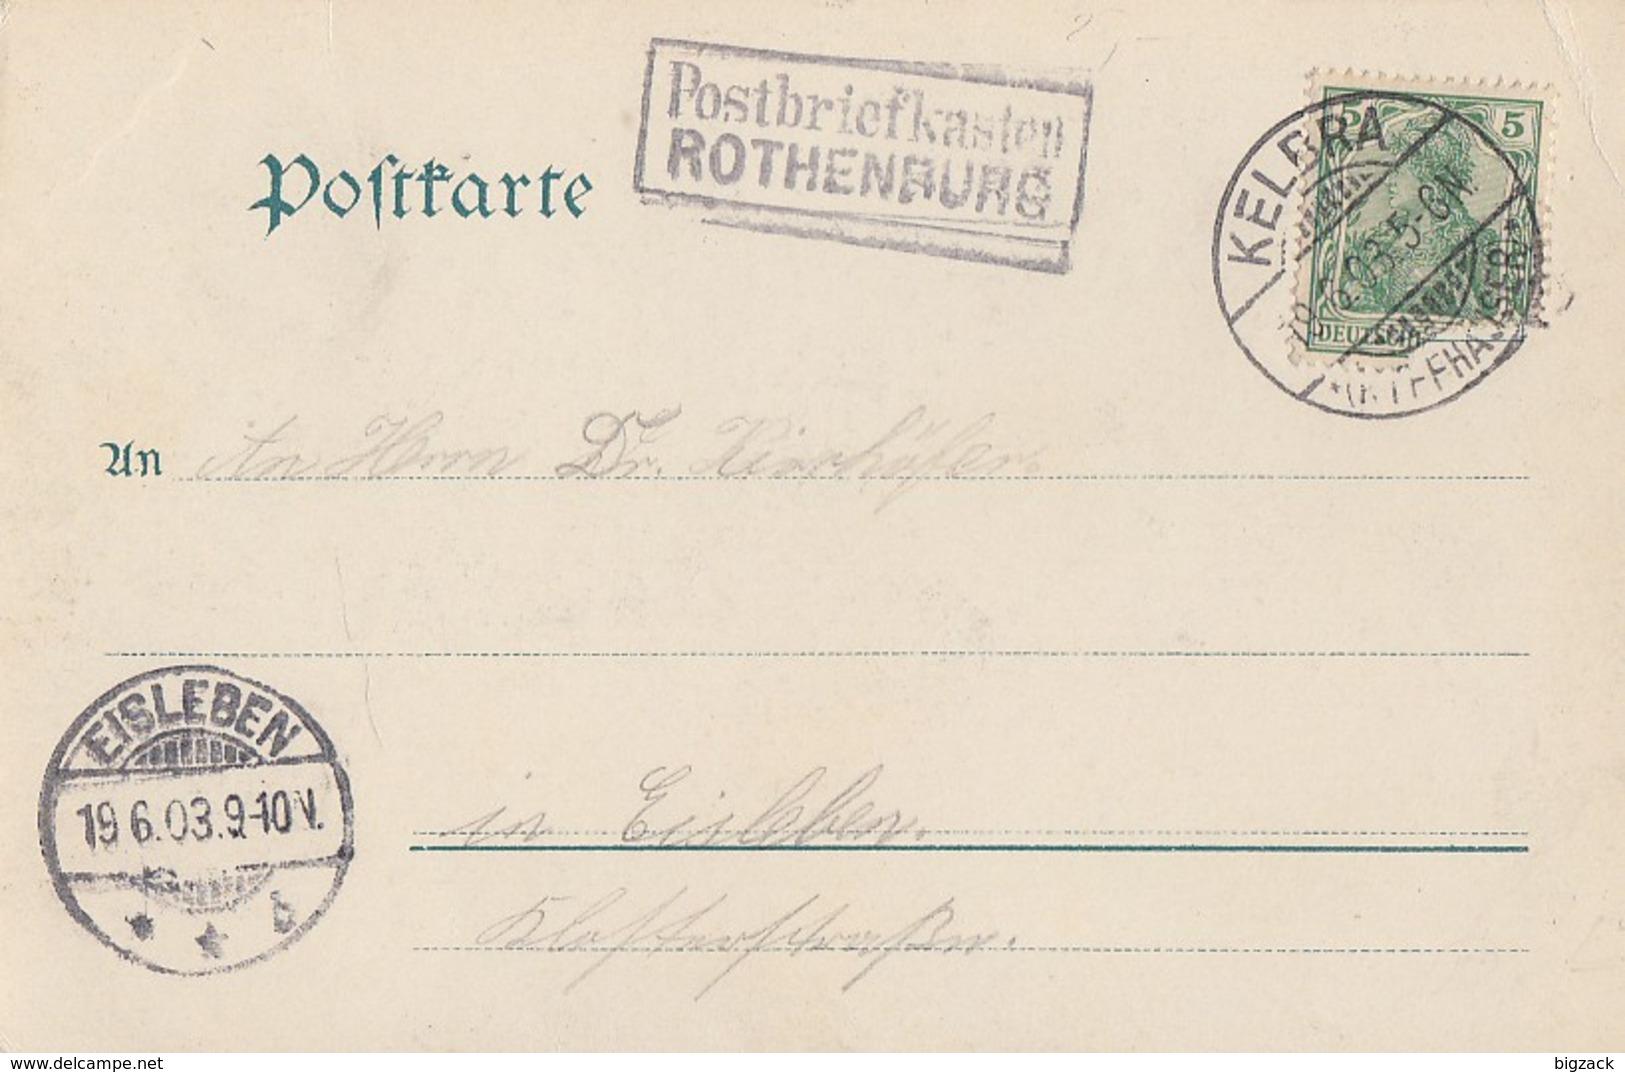 DR AK EF Minr.70 Kelbra 19.6.03 Nebenstempel R2 Postbriefkasten Rothenburg Gel. Nach Eisleben - Deutschland